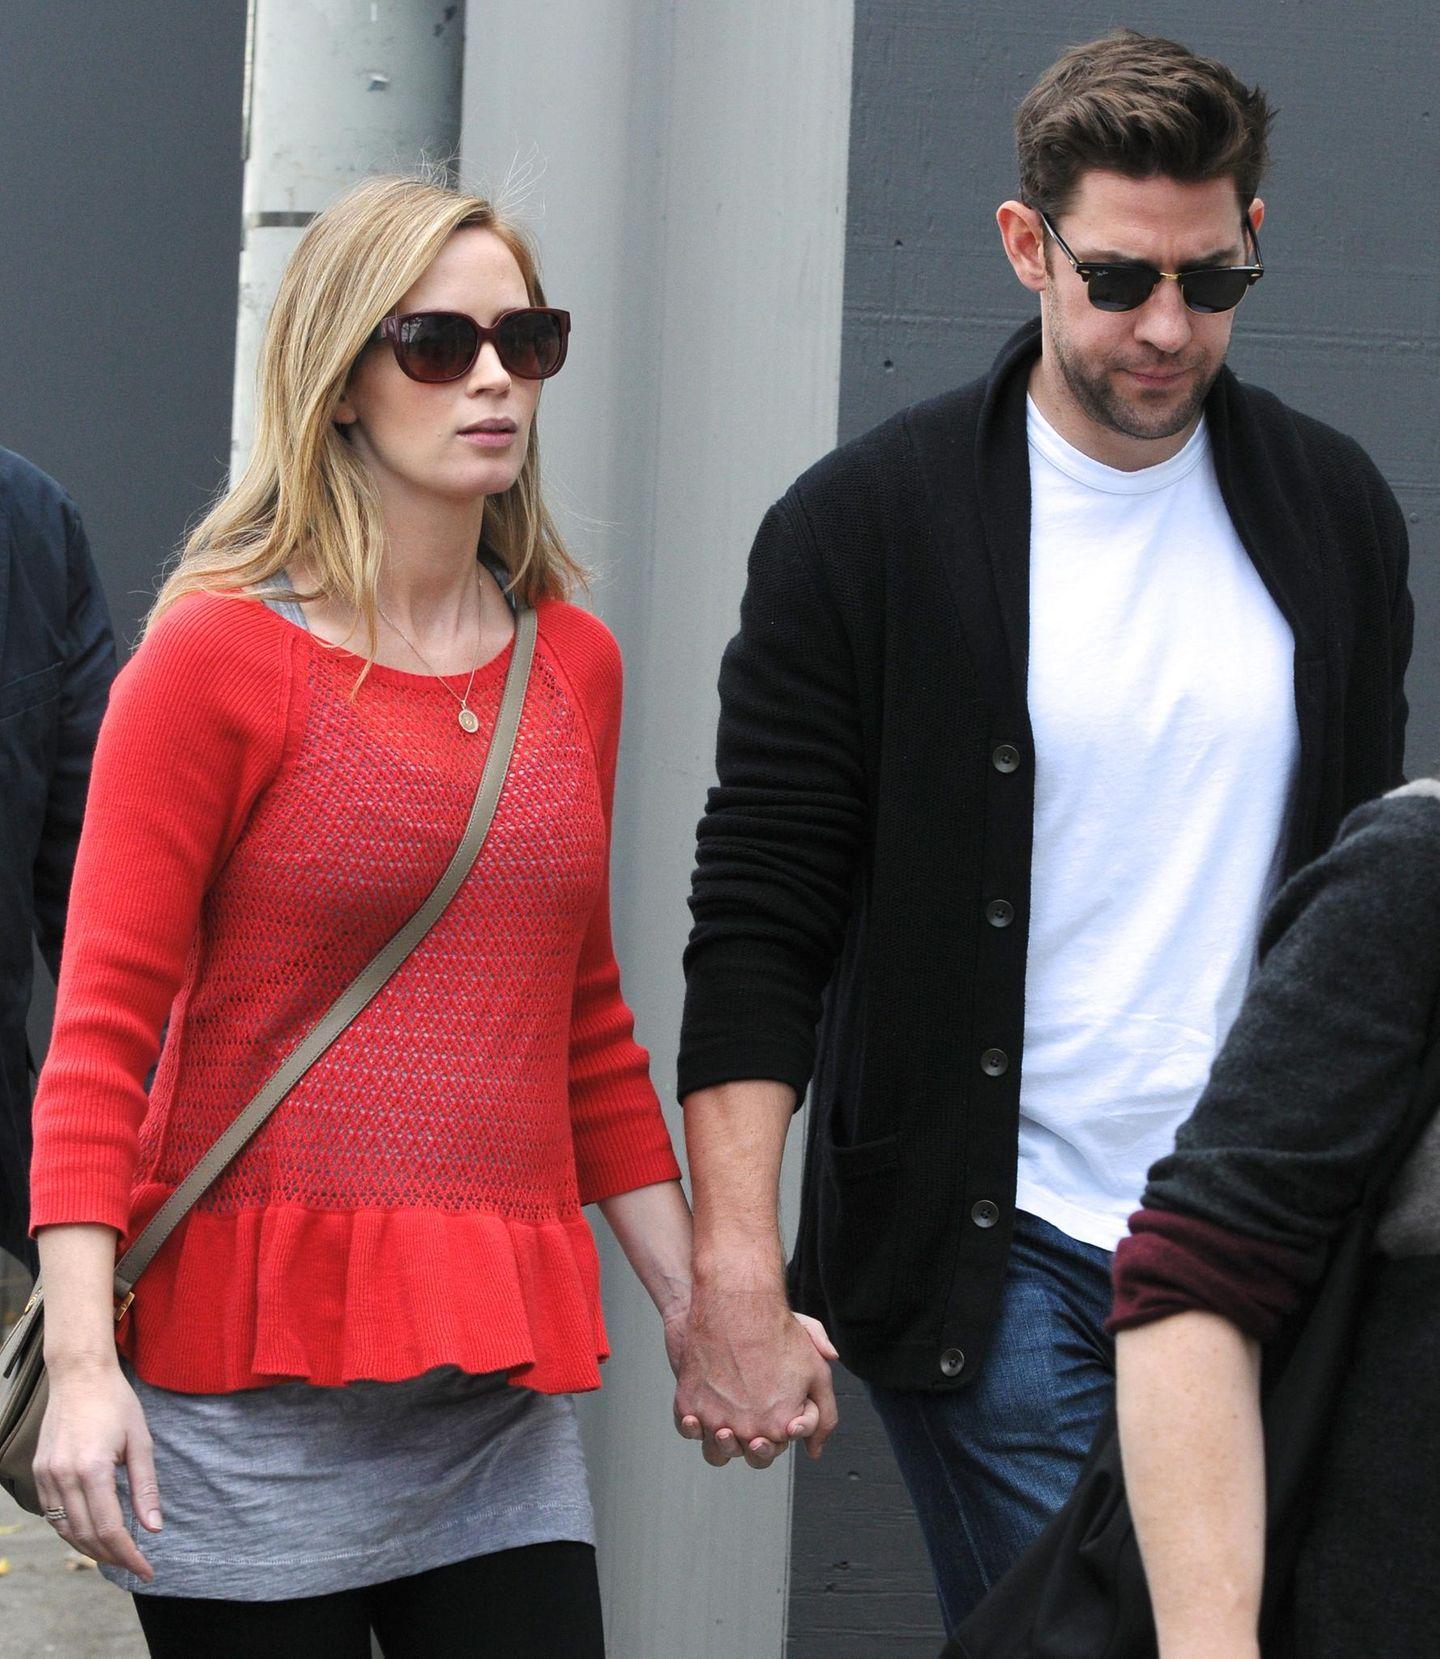 3. Dezember 2013: Langsam sieht man den Babybauch von Emily Blunt. Gemeinsam mit Ehemann John Krasinski ist sie zum Einkaufen auf der Melrose Avenue in Los Angeles unterwegs.